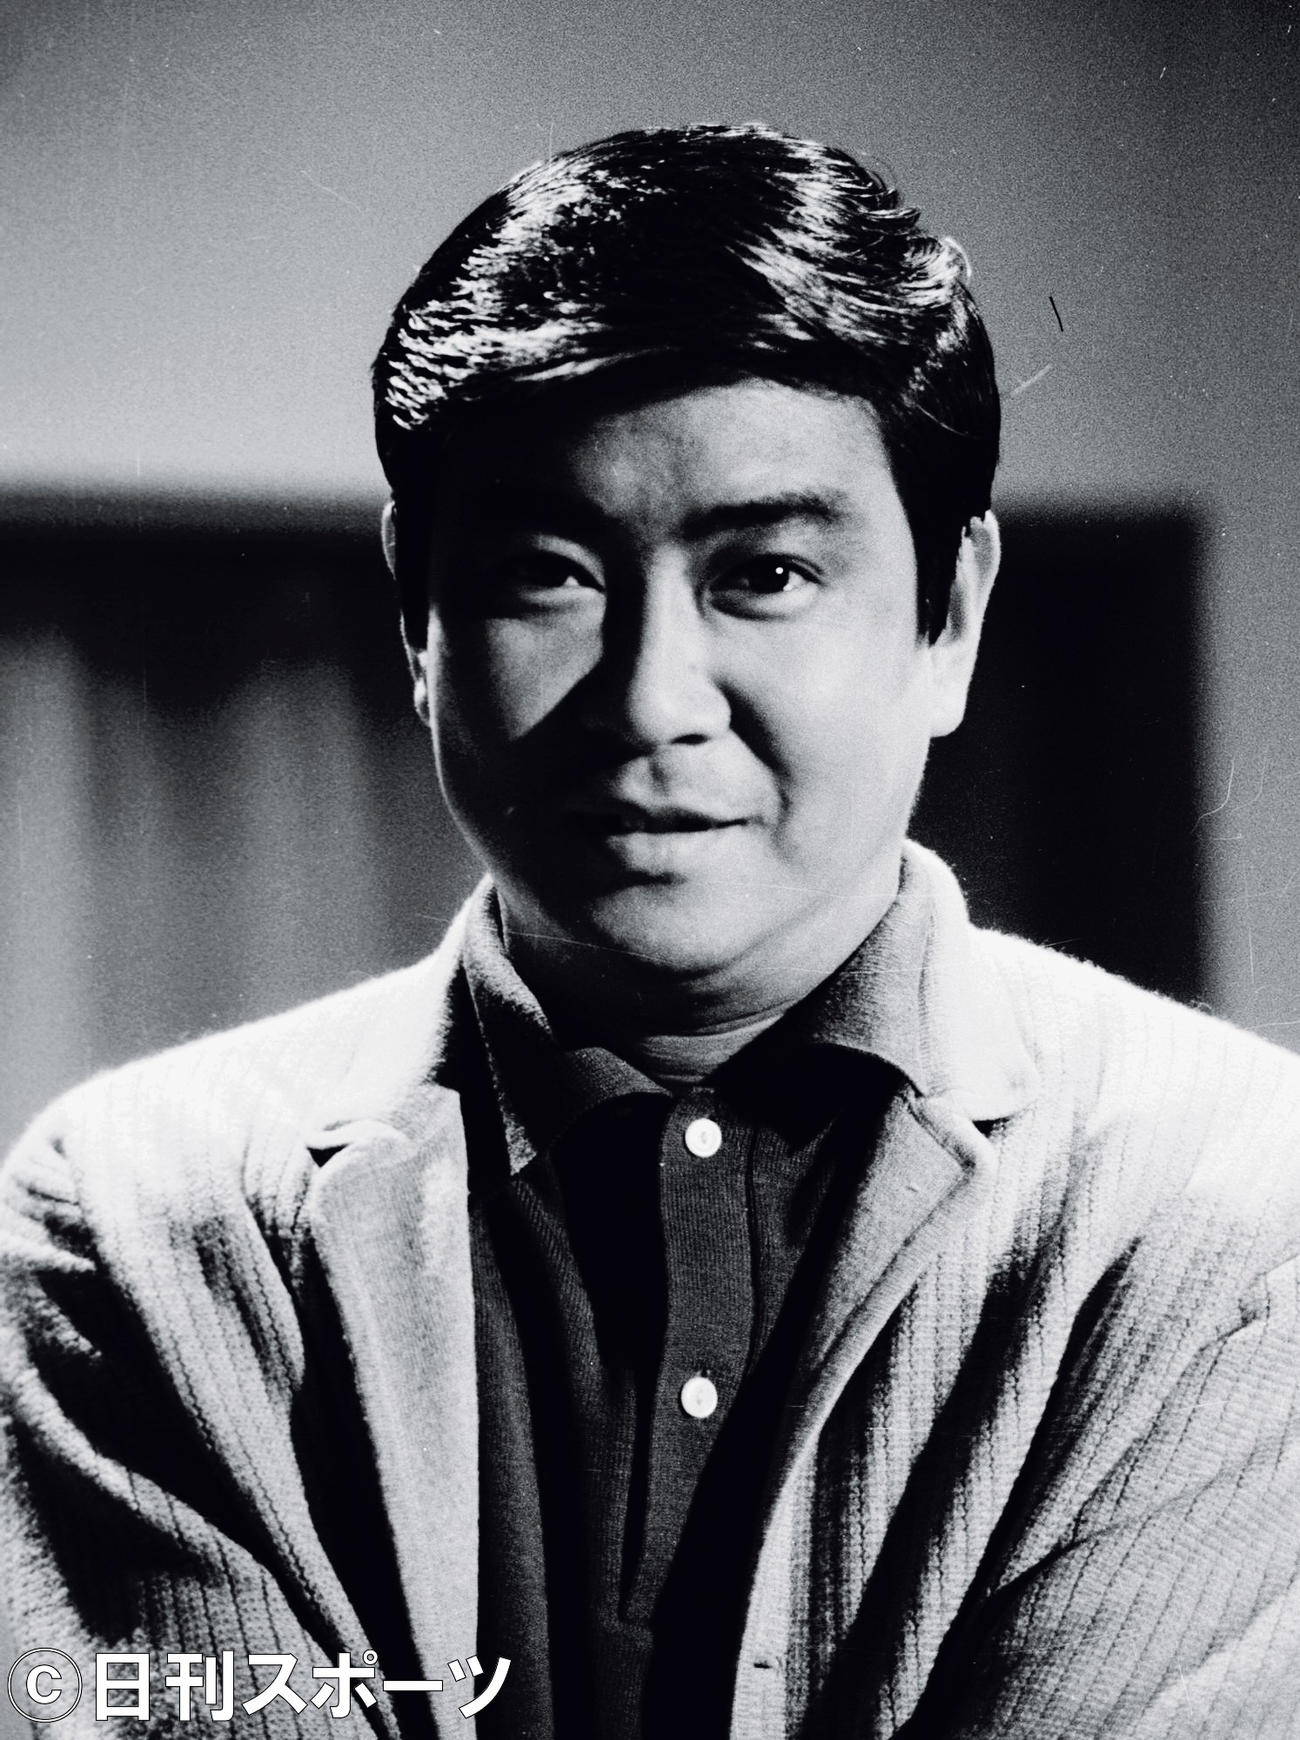 石原裕次郎さん(1969年1月31日撮影)